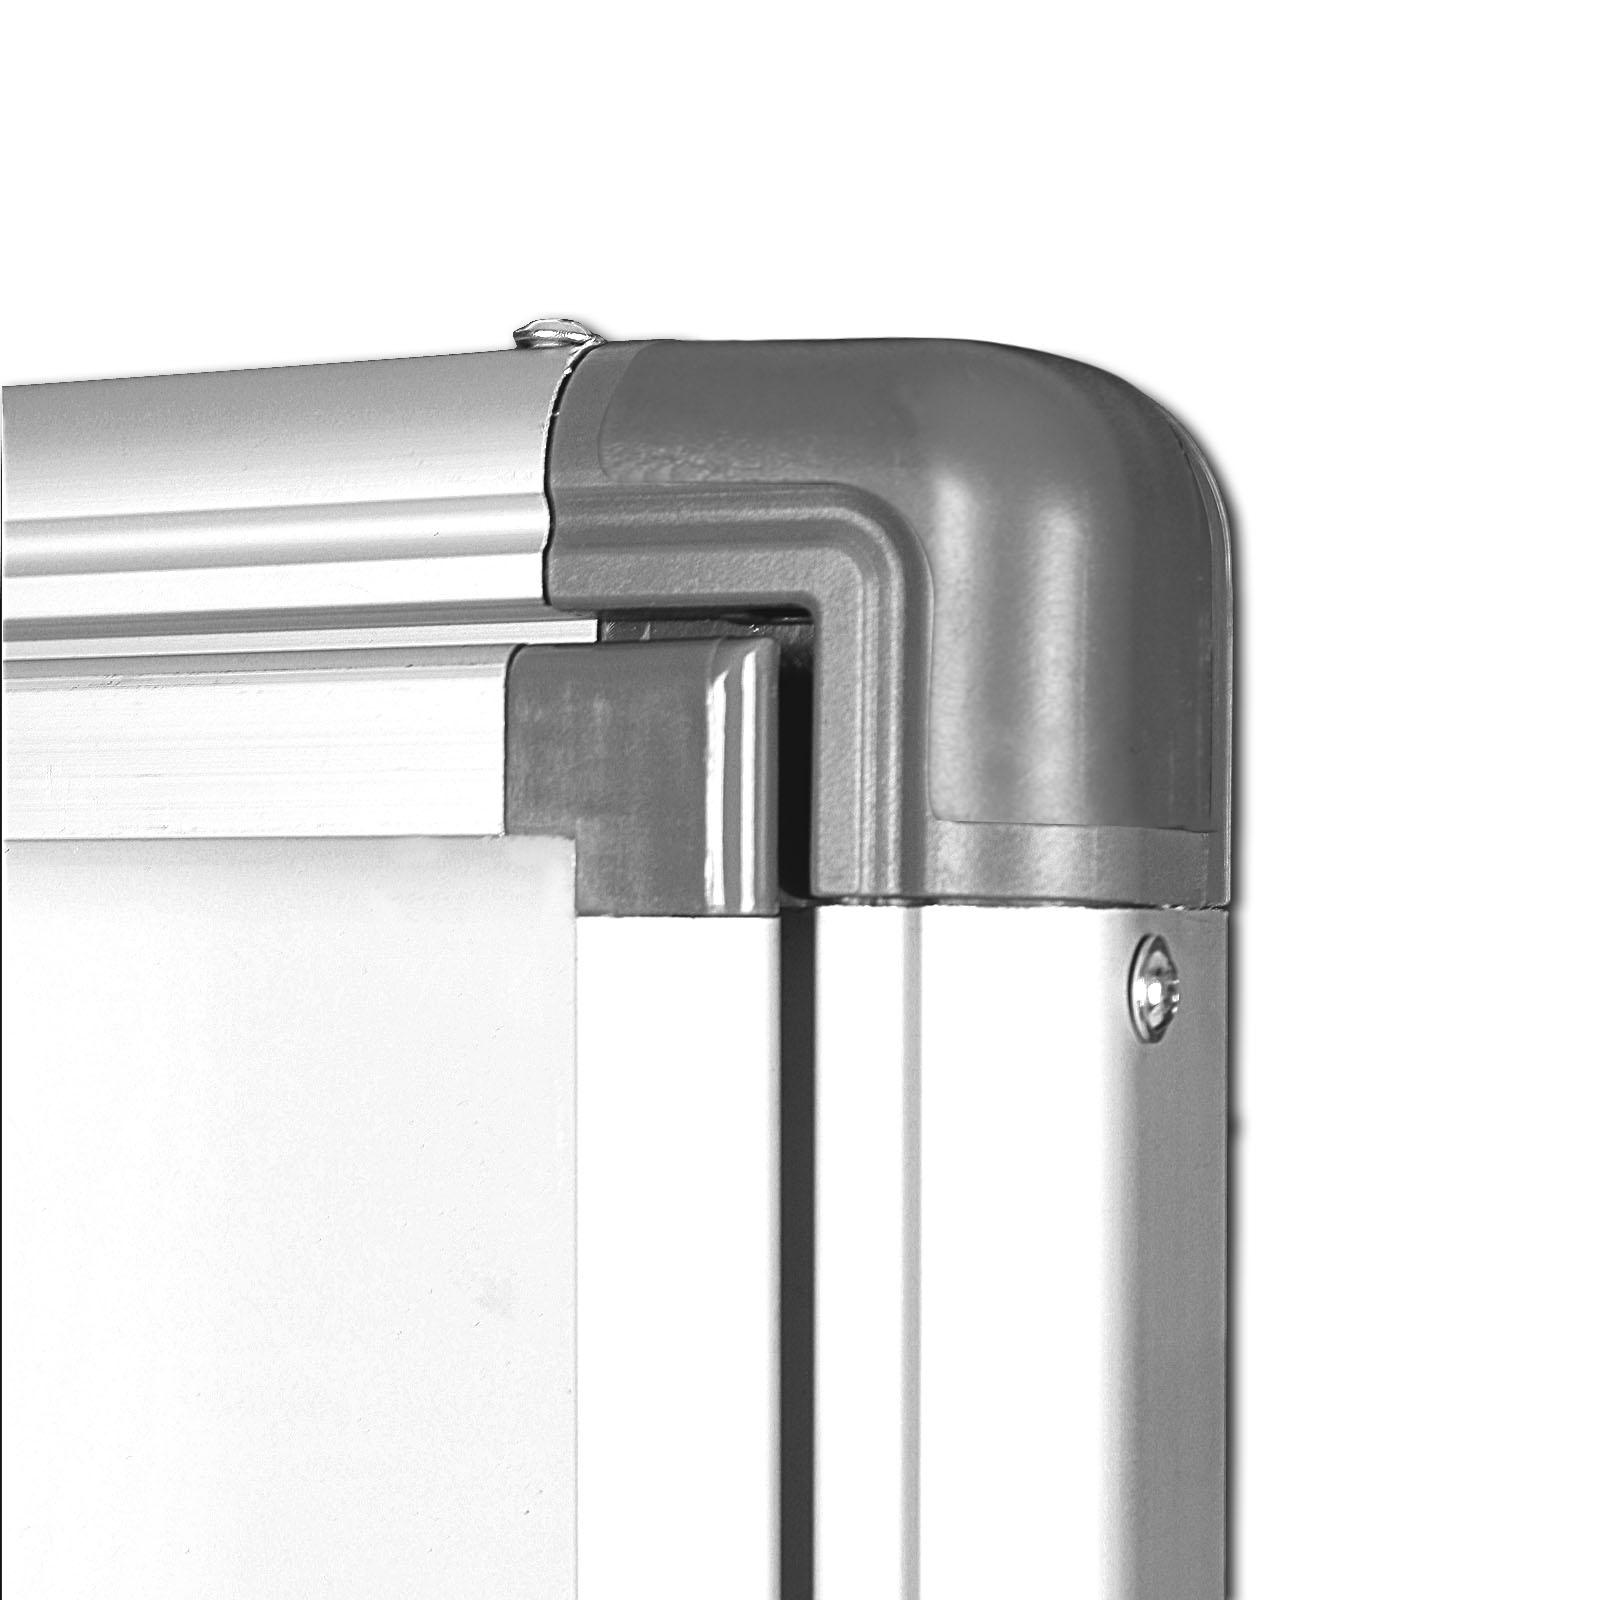 b romi schaukasten flachschaukasten infokasten vitrine mit whiteboard magnettafel innen fsh. Black Bedroom Furniture Sets. Home Design Ideas